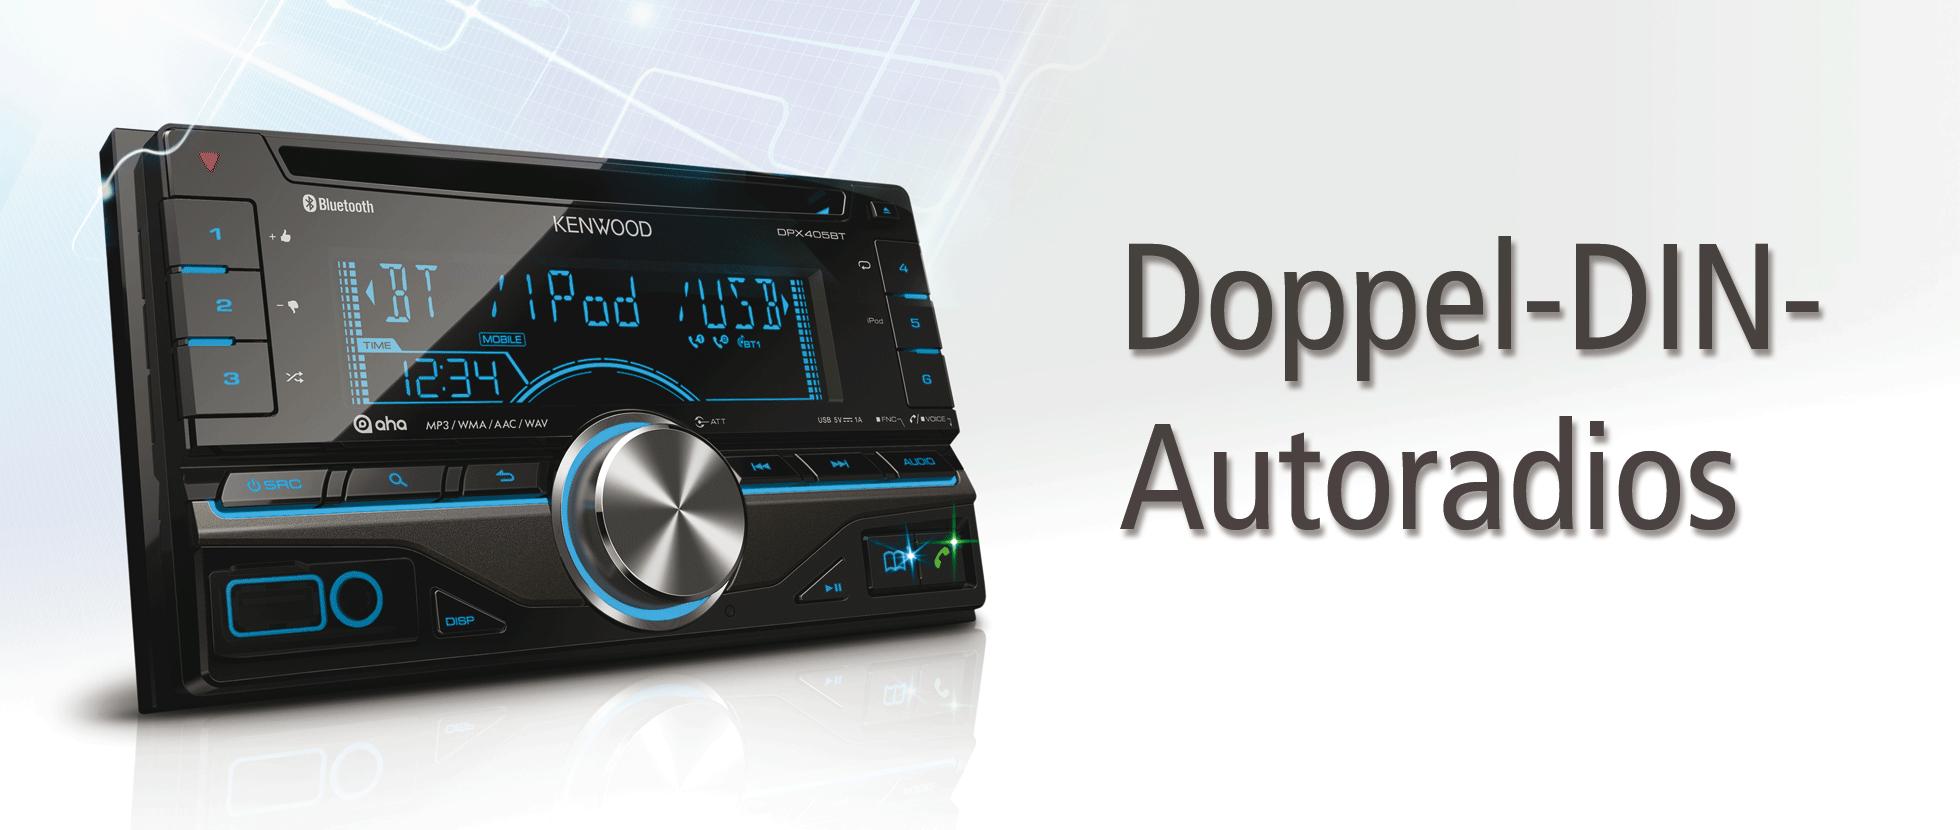 2-DIN-Autoradios • DPX-5000BT Ausstattung • Kenwood Deutschland